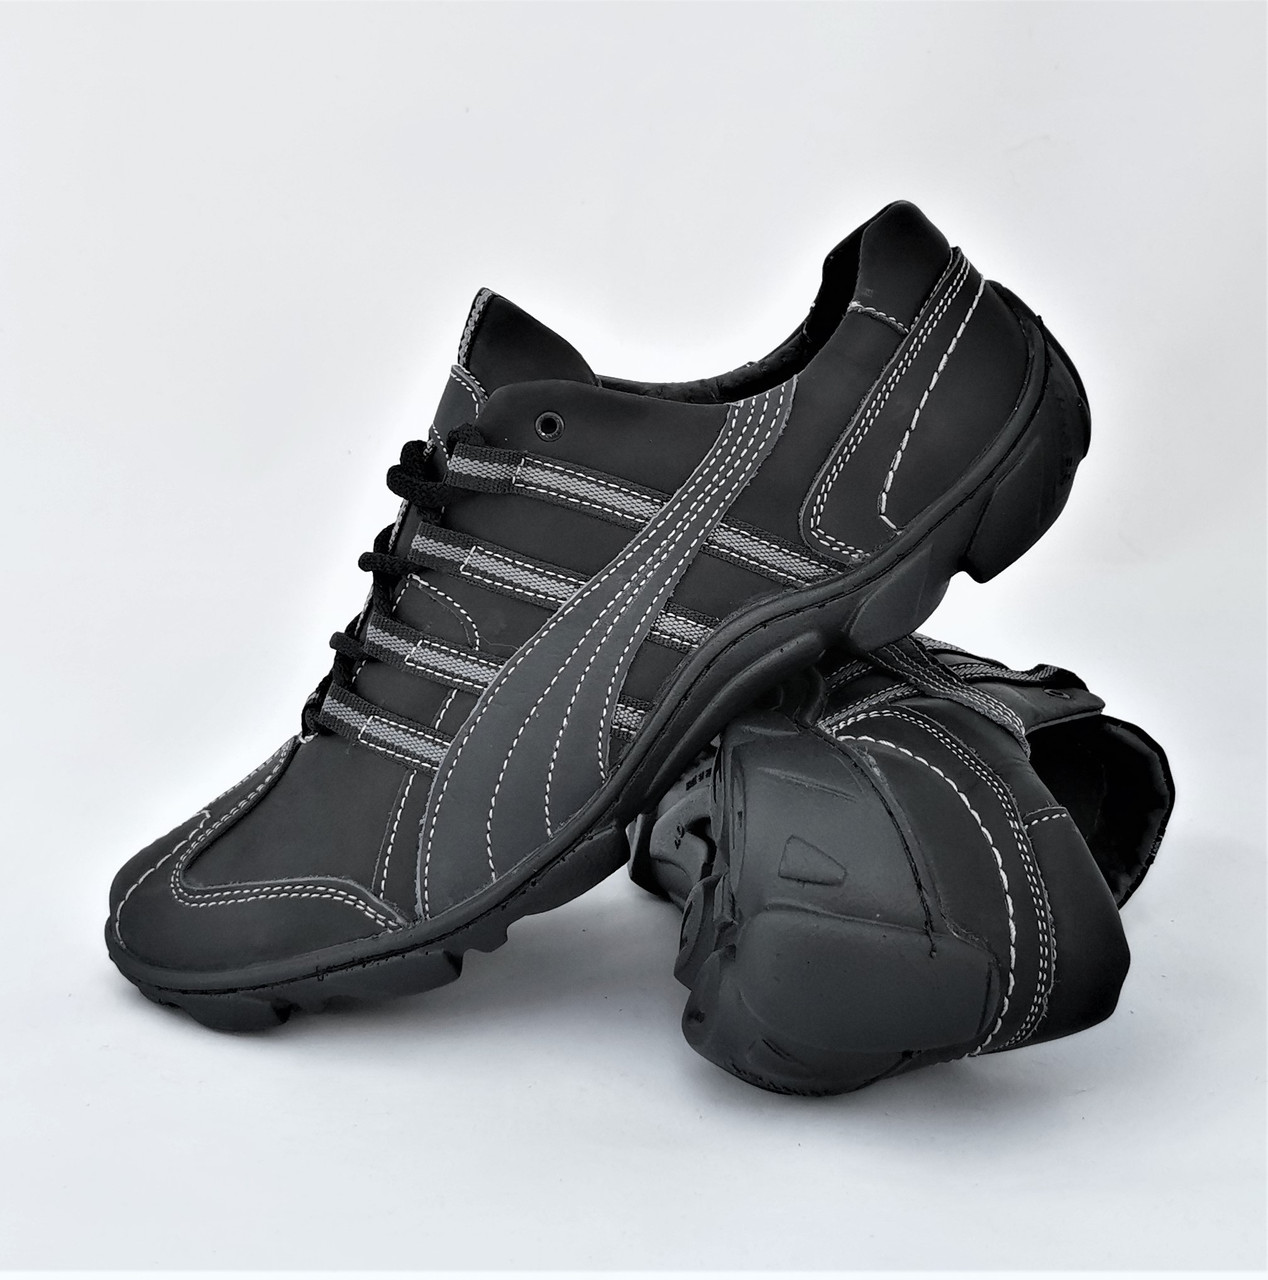 Кожаные Мокасины Мужские Кроссовки Черные Туфли (размеры: 40,41,42,43,44,45)